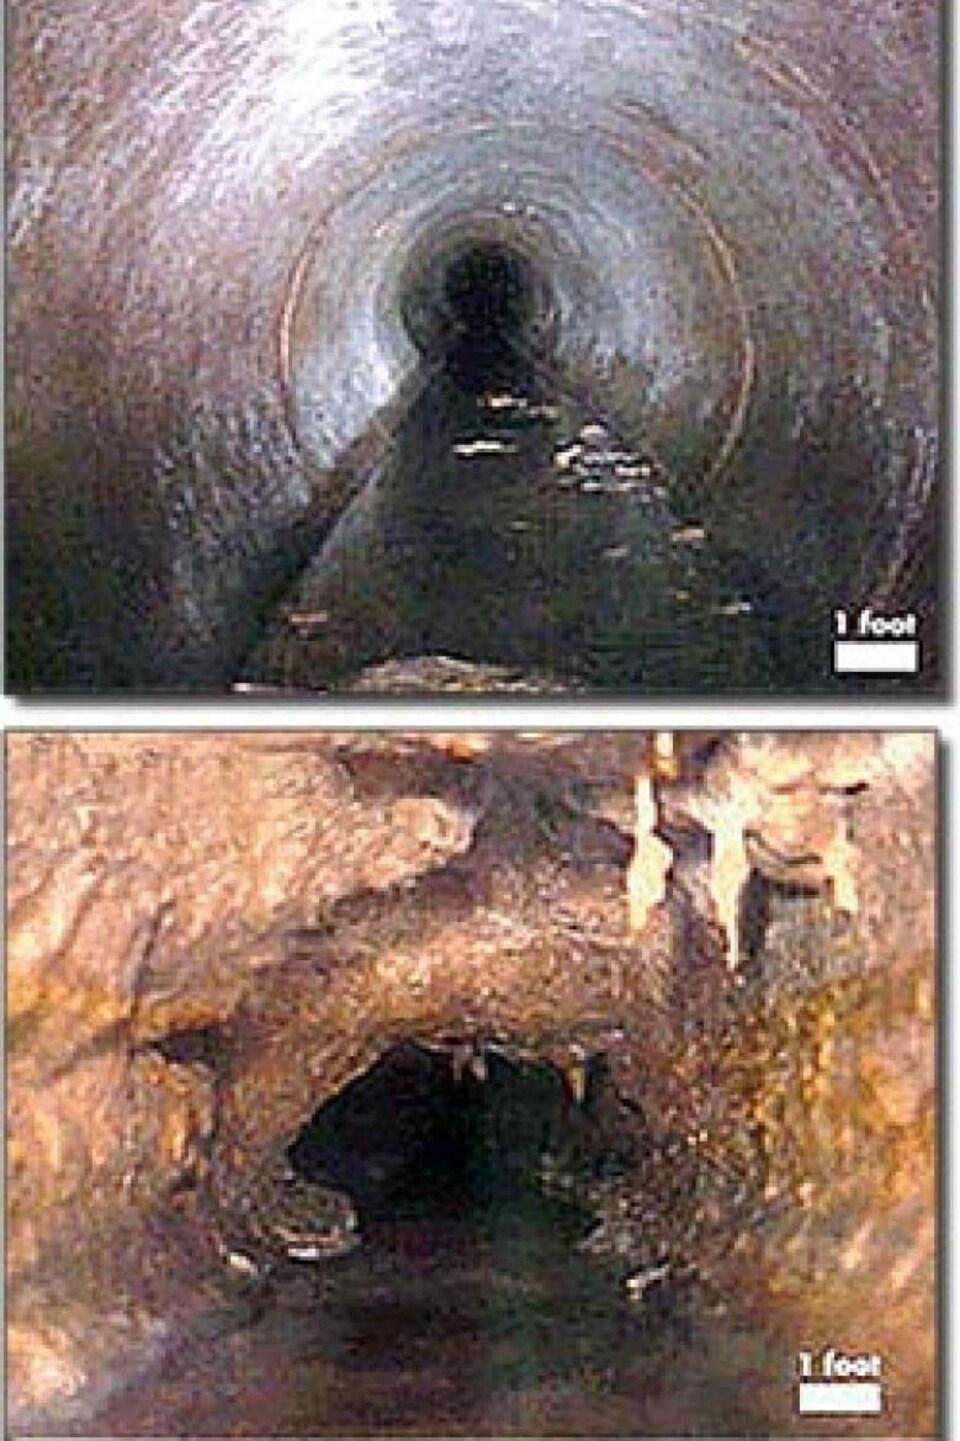 Dans l'image d'en bas, les parois de la canalisation ne sont plus visibles. Le diamètre de la canalisation est réduit à cause de la graisse qui recouvre les parois.